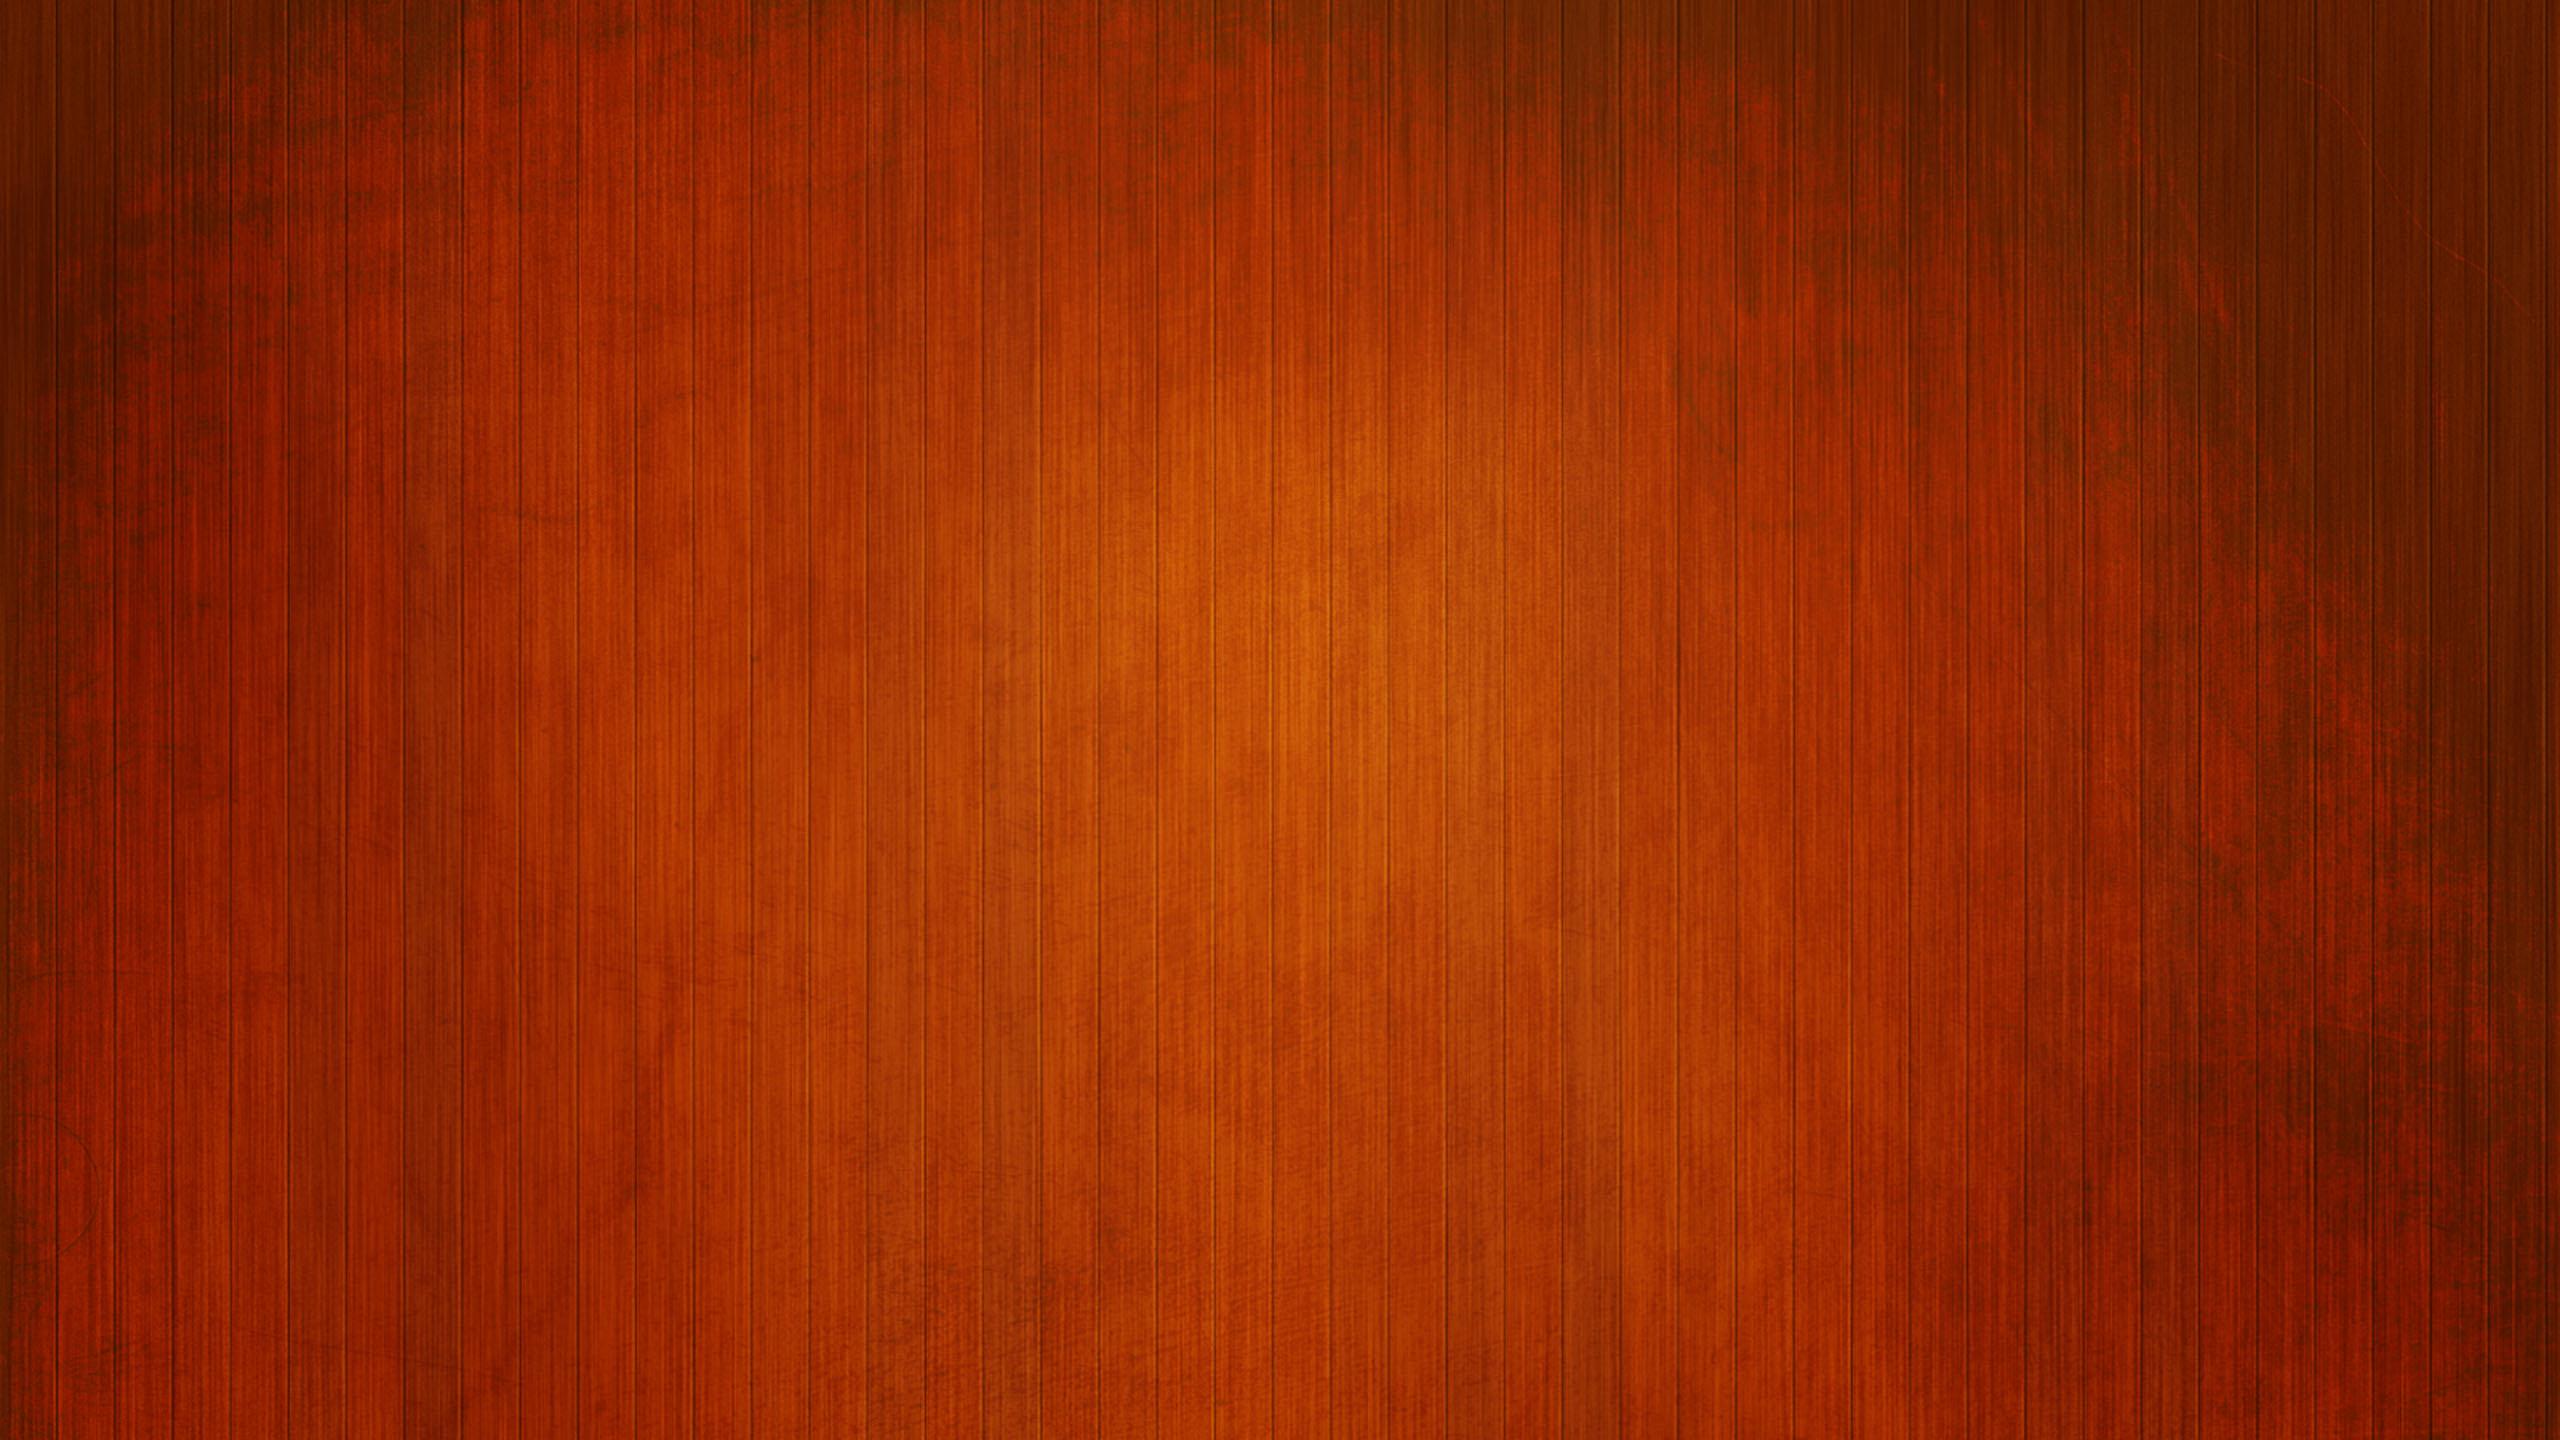 Red and Brown Wallpaper - WallpaperSafari